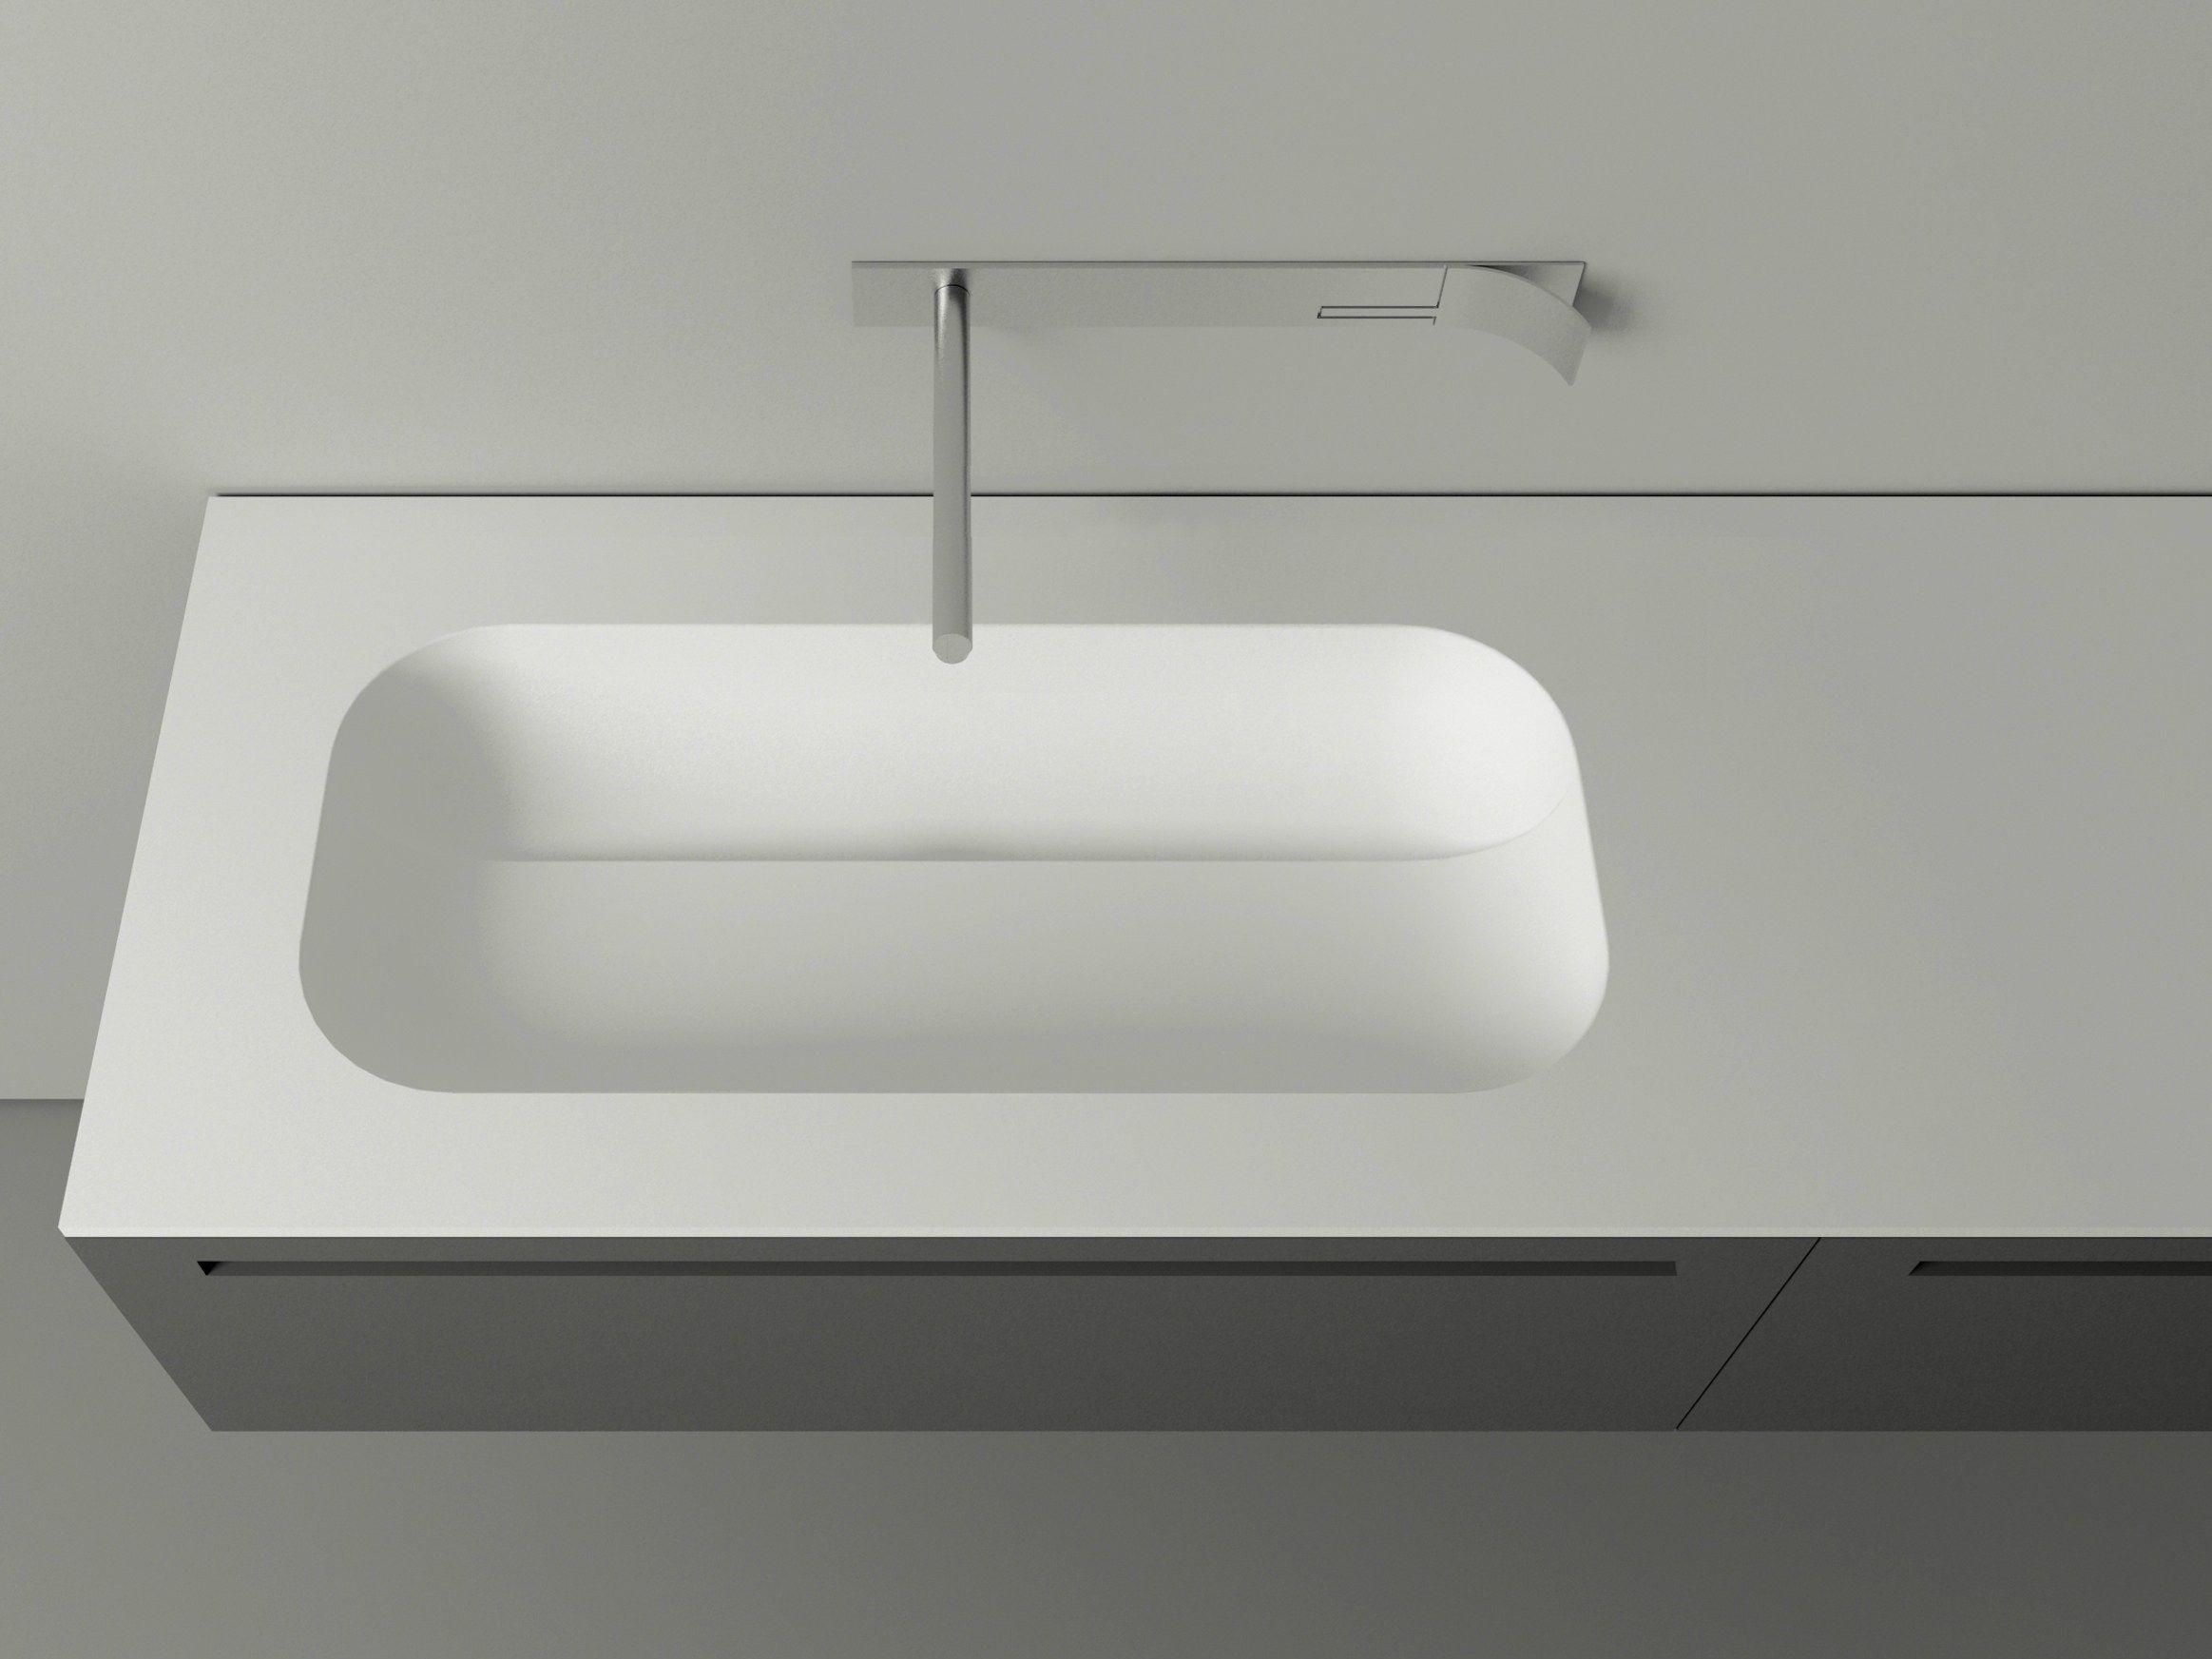 ovales waschbecken aus cristalplant mit waschtisch kupa boffi badezimmer pinterest. Black Bedroom Furniture Sets. Home Design Ideas